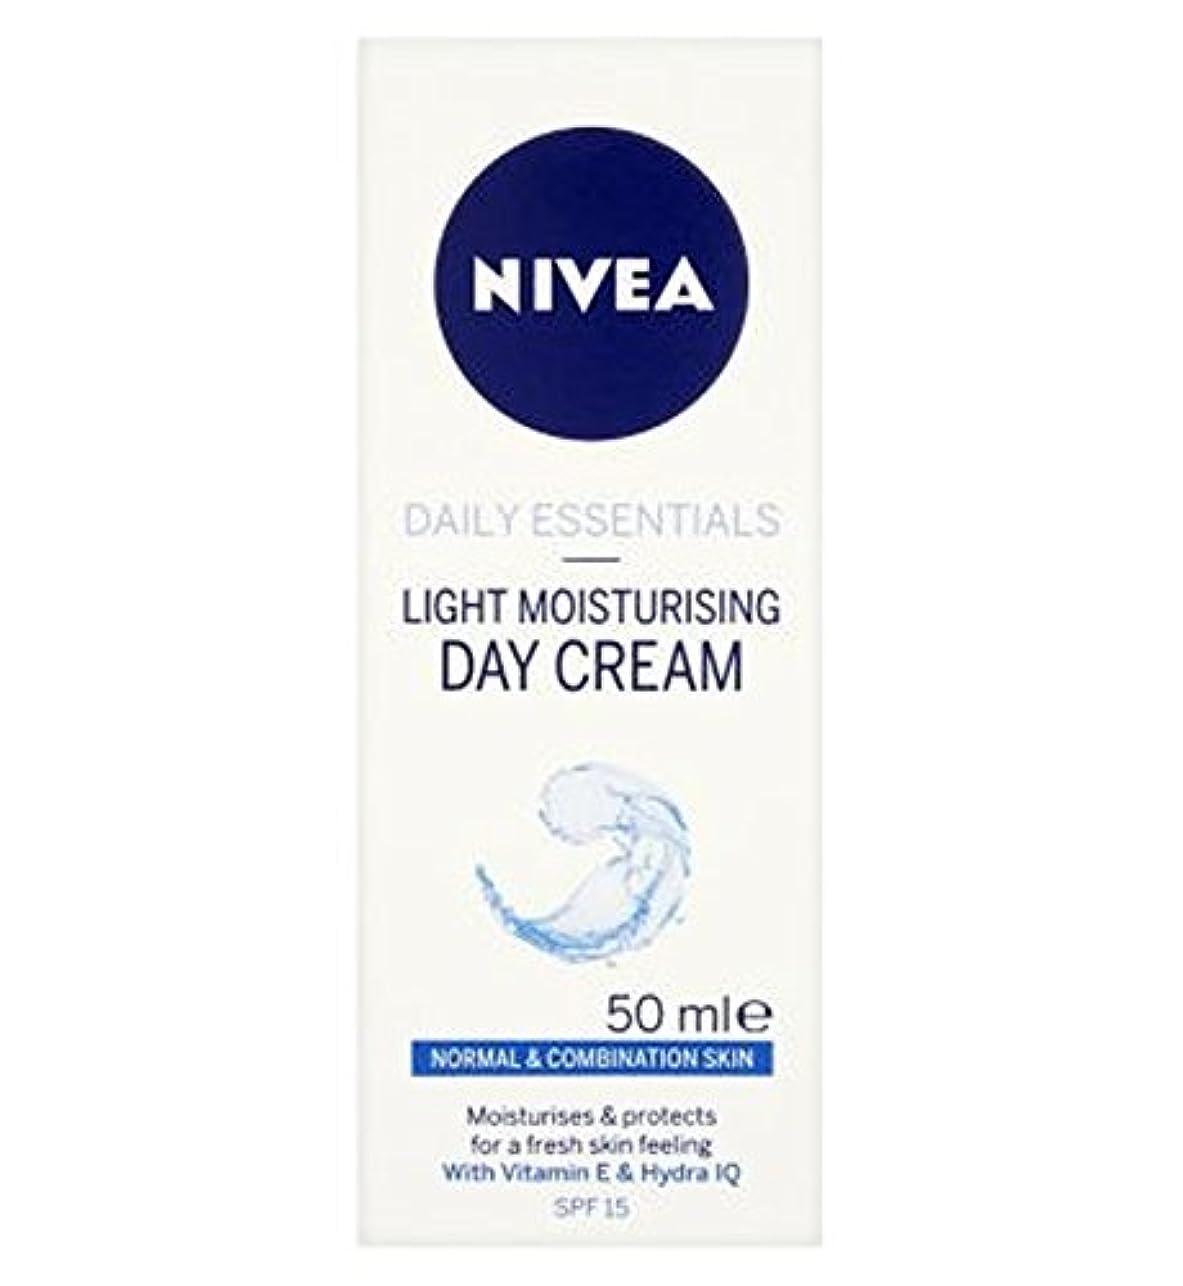 静けさワーカー遠足混合肌のSpf15の50ミリリットルに、通常のためのニベア生活必需光保湿デイクリーム (Nivea) (x2) - Nivea Daily Essentials Light Moisturising Day Cream...